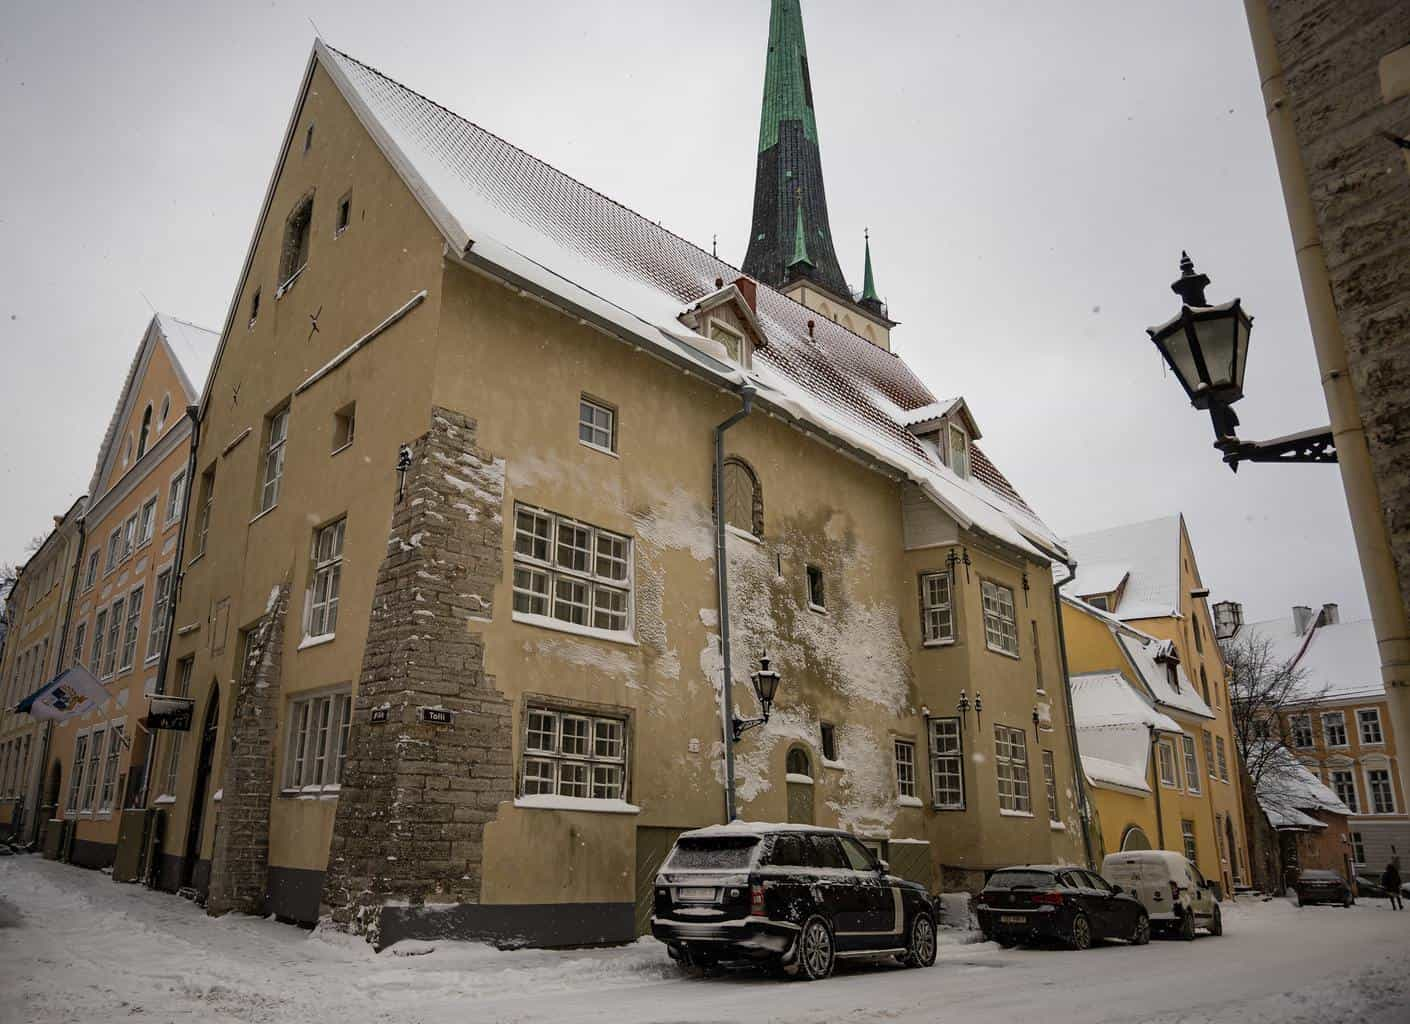 vladyslav melnyk zOeuv02kFQ4 unsplash Only A True Michigander Will Know These 16 Landmarks #Challenging